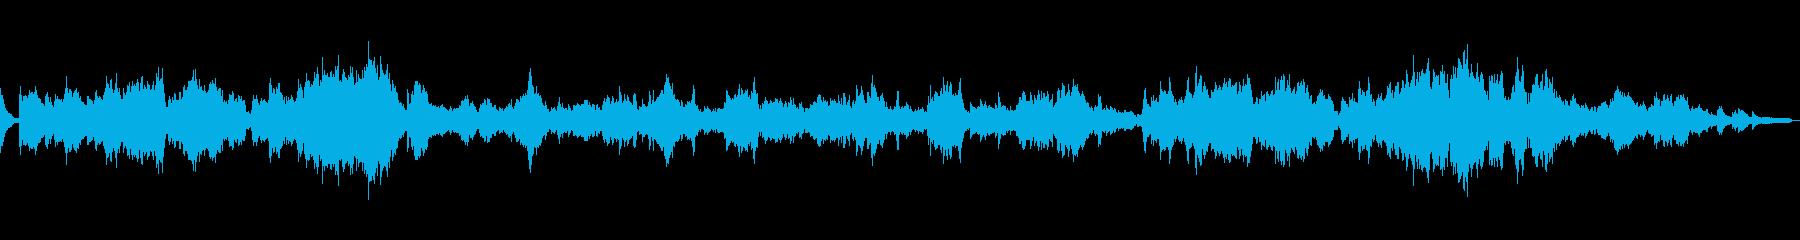 幻想即興曲/ショパンの再生済みの波形